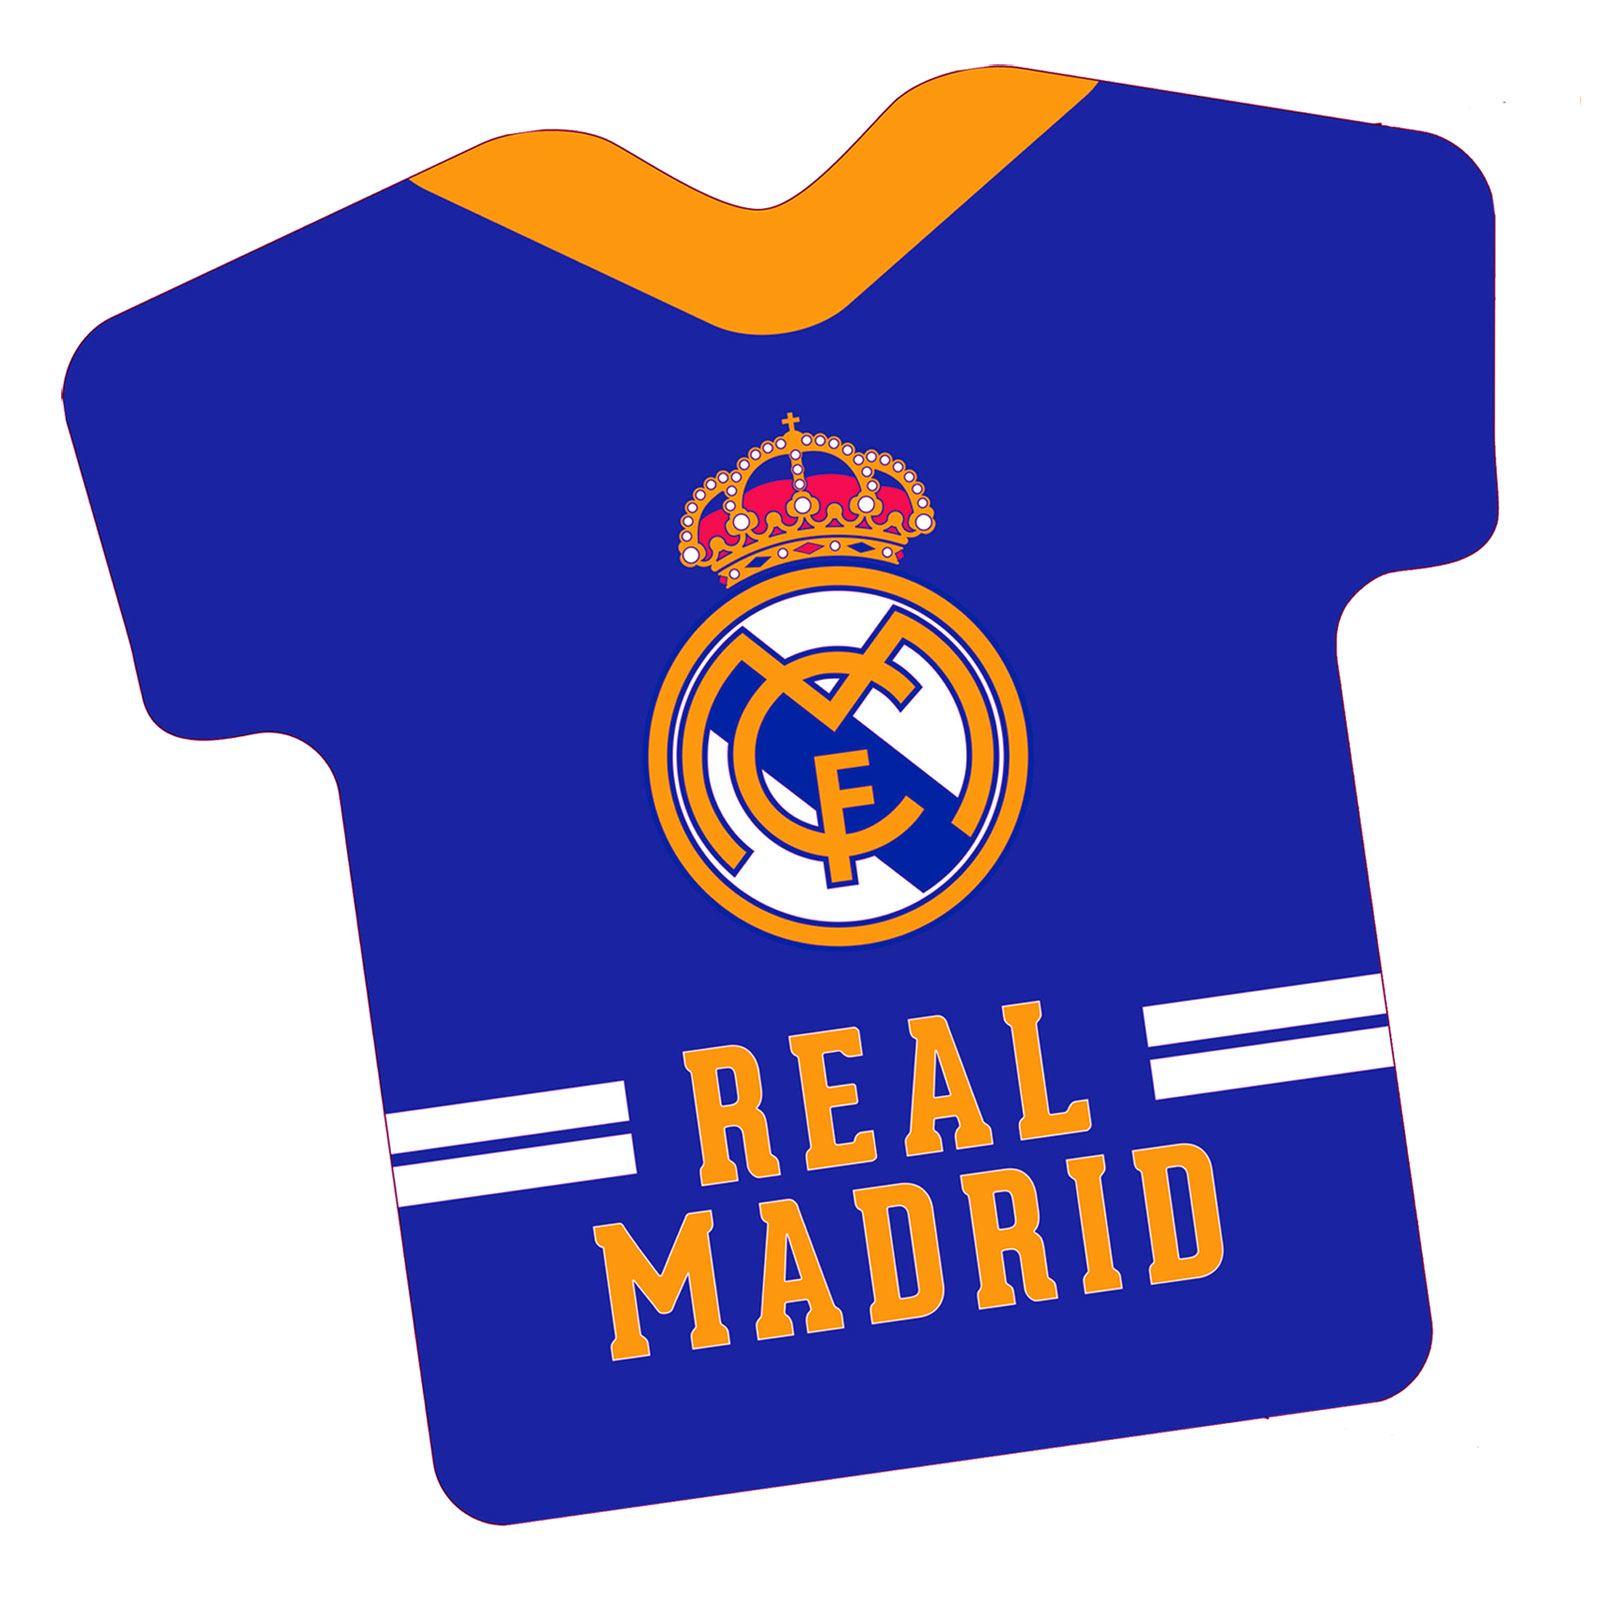 606f02549 REAL MADRID CF SHIRT SHAPED FILLED CUSHION FOOTBALL 8435464534150